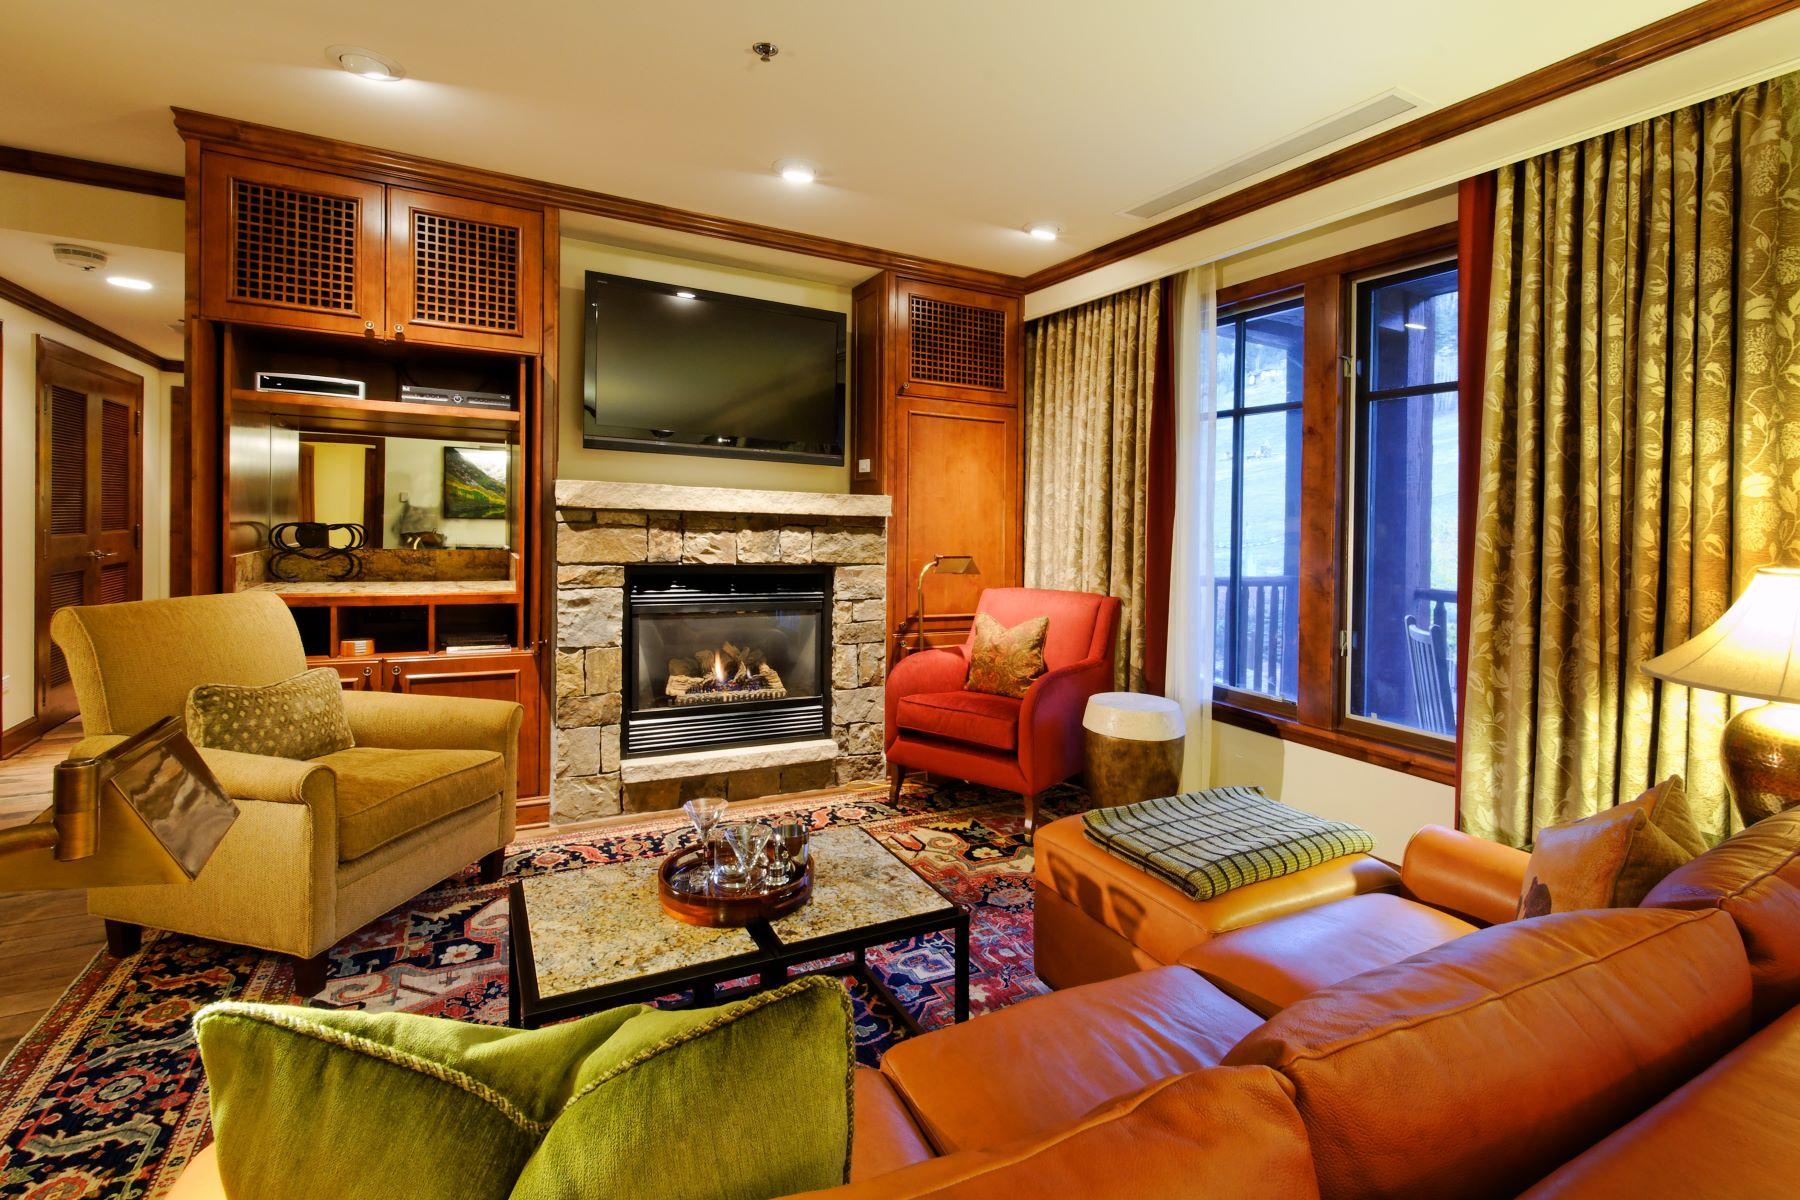 Кондоминиум для того Продажа на The Ritz Carlton 0075 Prospector Road #8401-2, Aspen, Колорадо, 81611 Соединенные Штаты